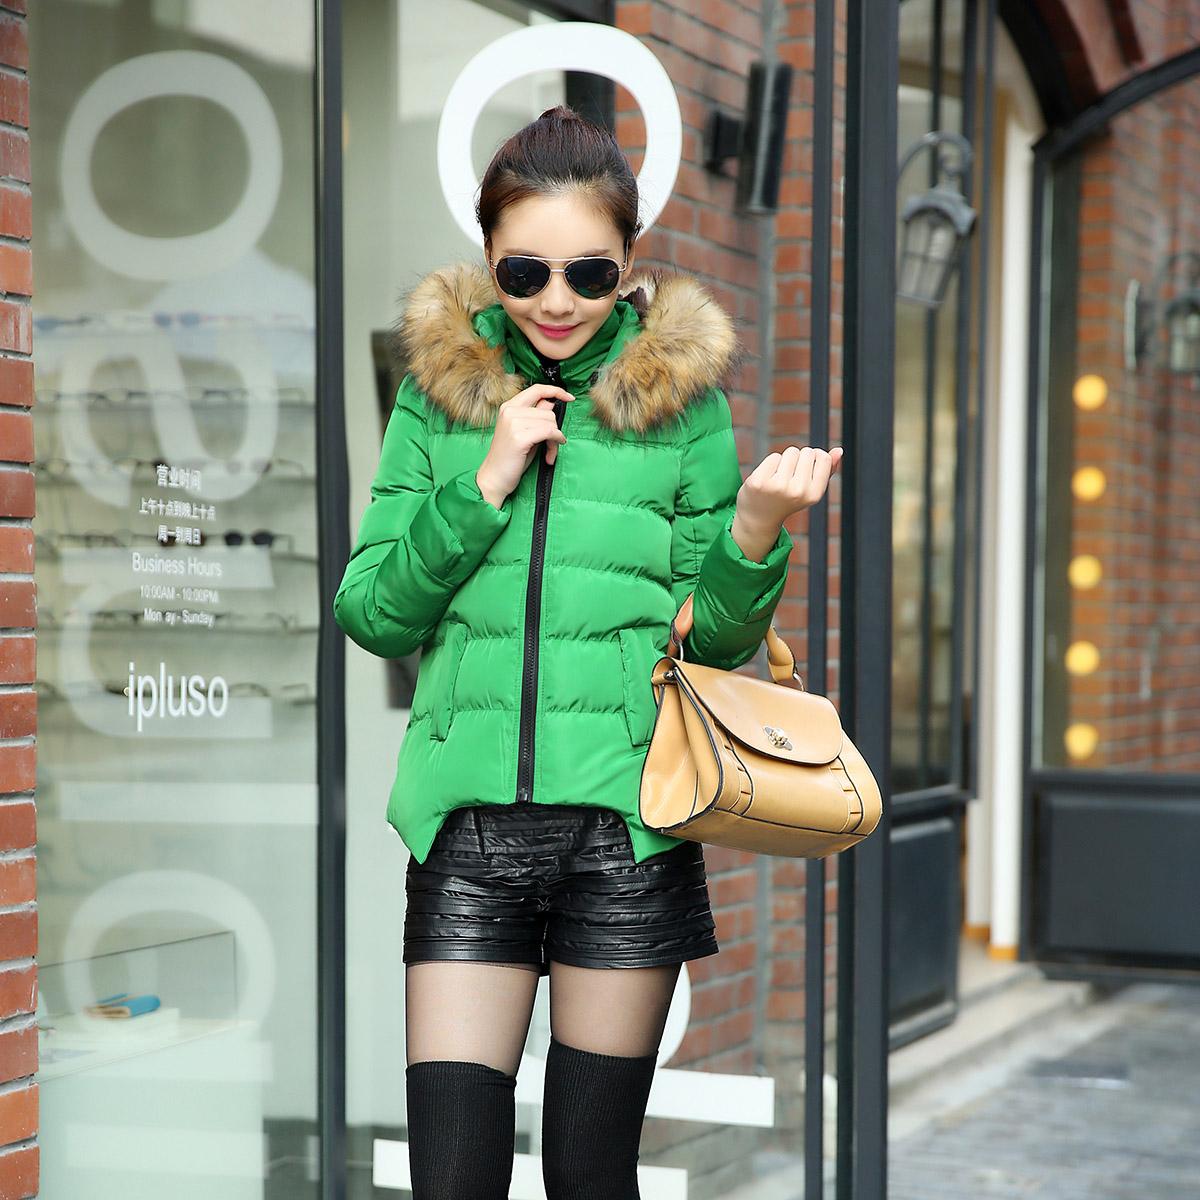 Женская утепленная куртка Хлопка женщин куртка зима Корейский небольшой тонкий с капюшоном пальто женщин 2013 прилив новых куртка хлопок платье